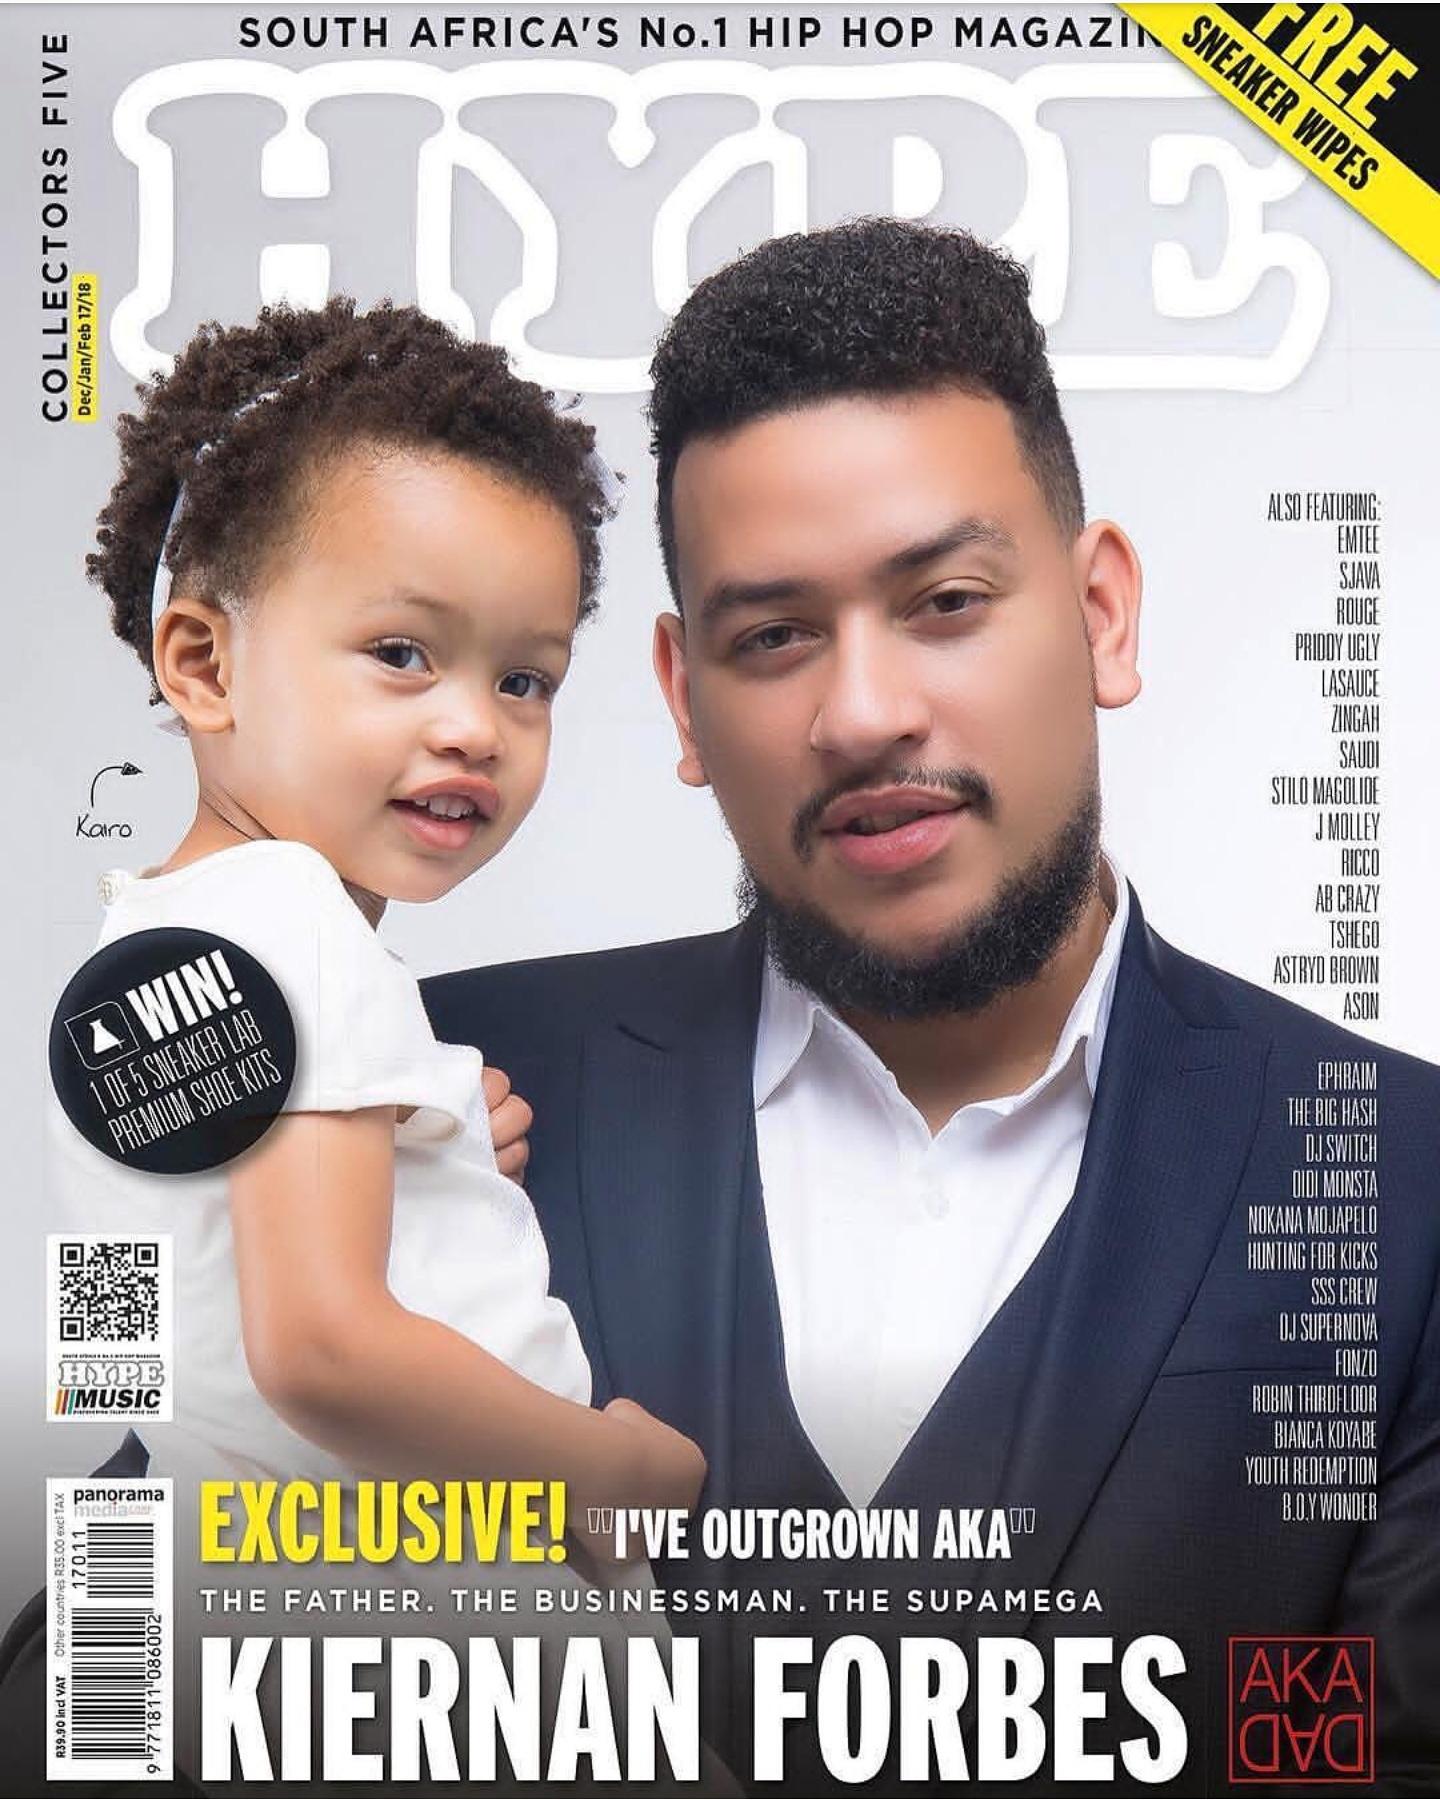 AKA & Baby Kairo Cover Hype Magazine